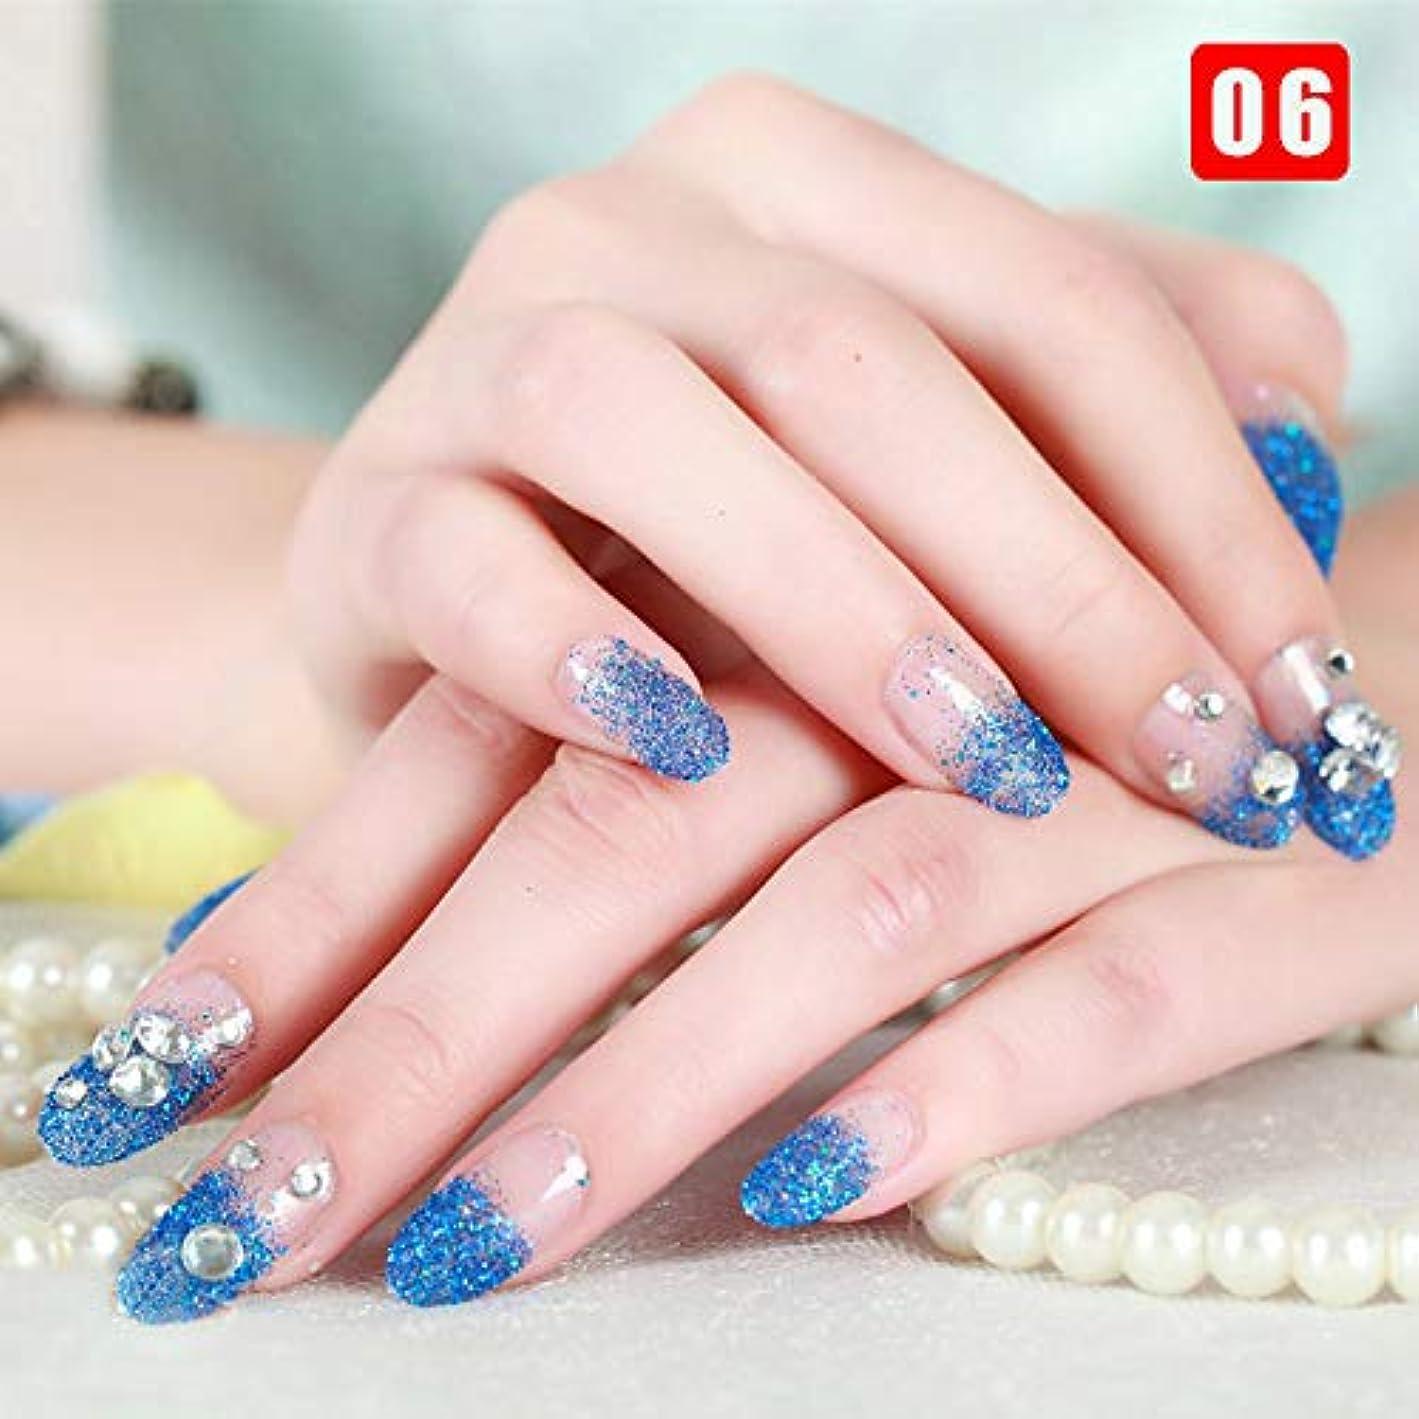 服共和党フレアHappysource 24本の女性の偽の爪透明な花のビーズの装飾DIYの花嫁の偽の爪